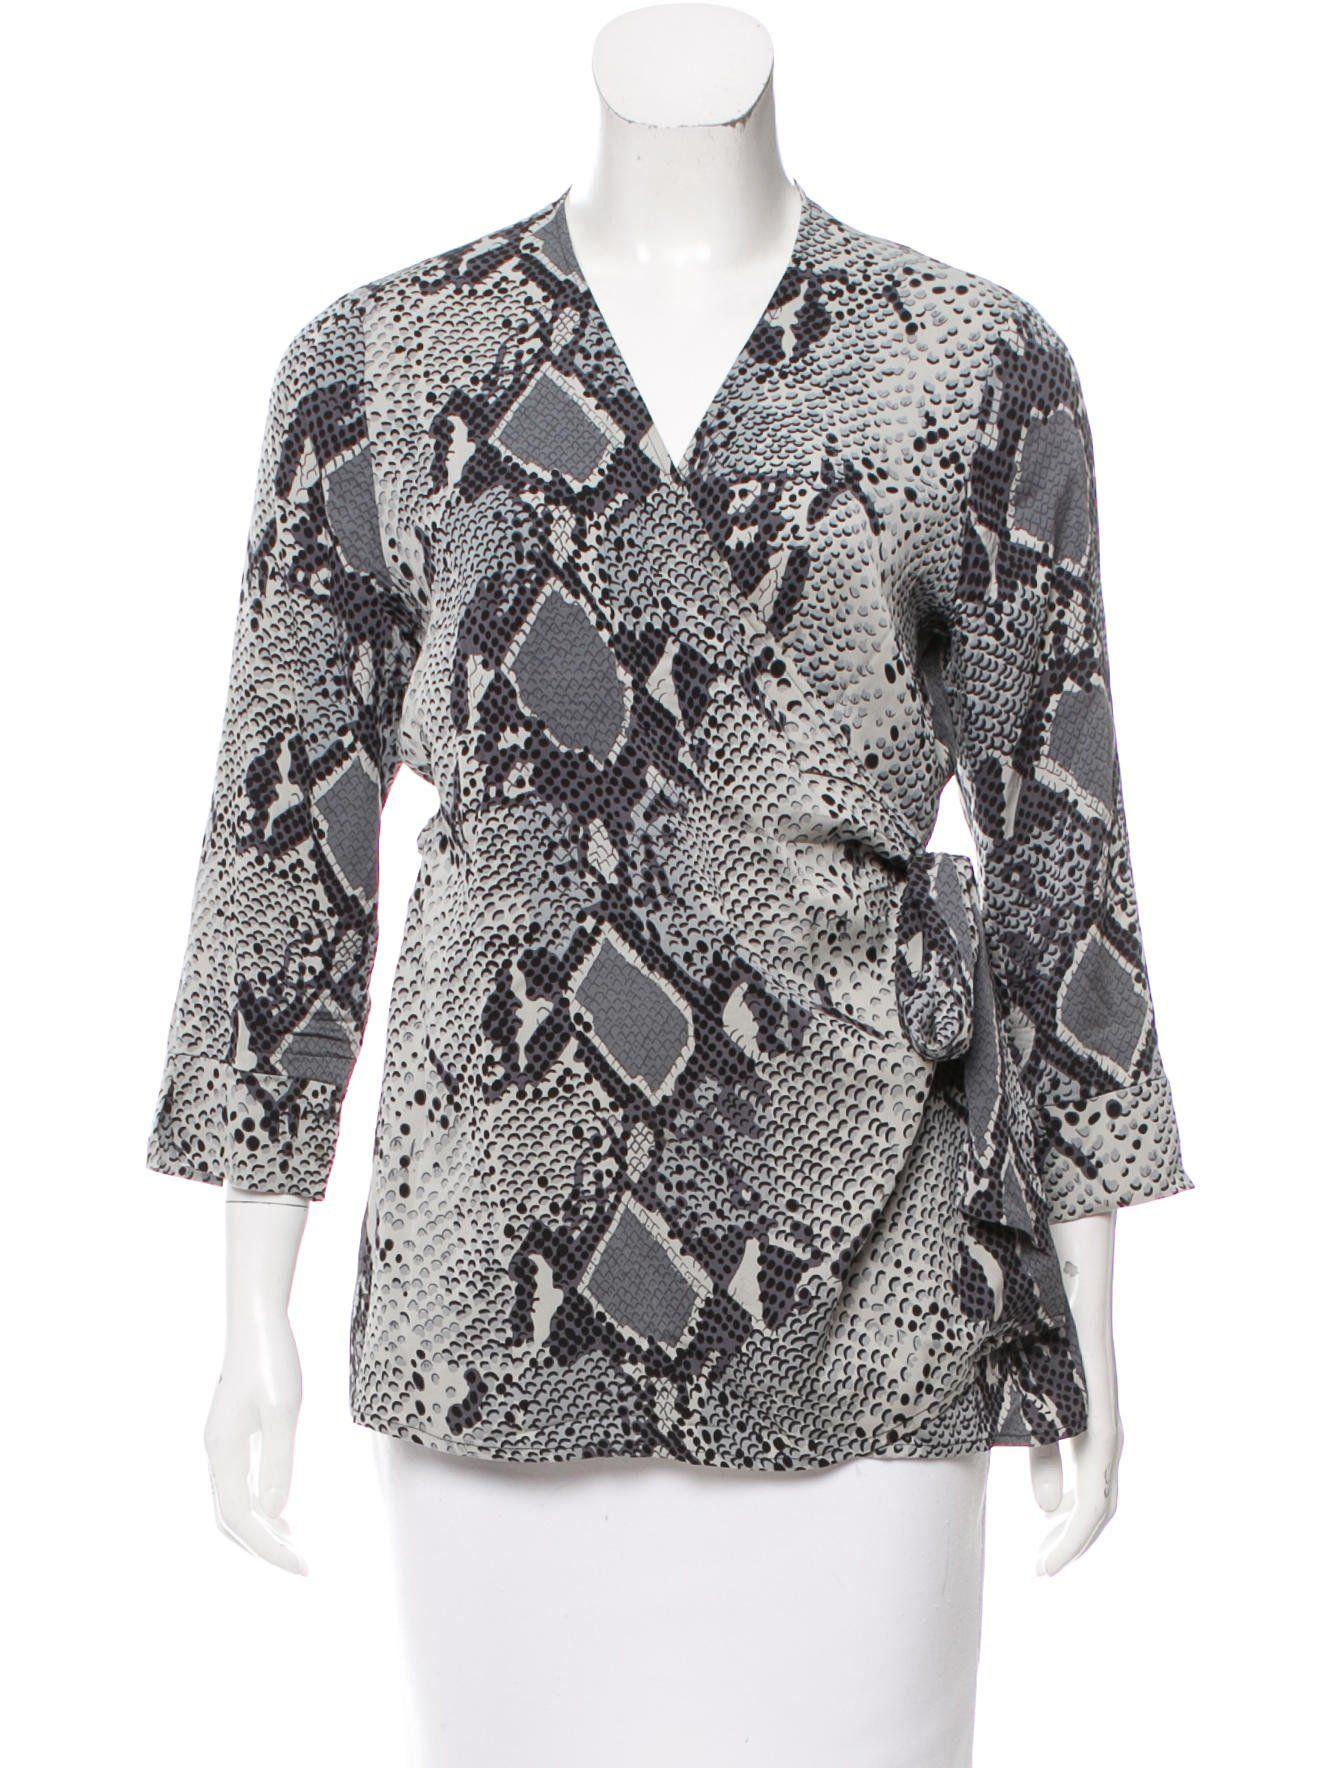 Diane von Furstenberg Silk Jill Top  Styles I Like  Pinterest